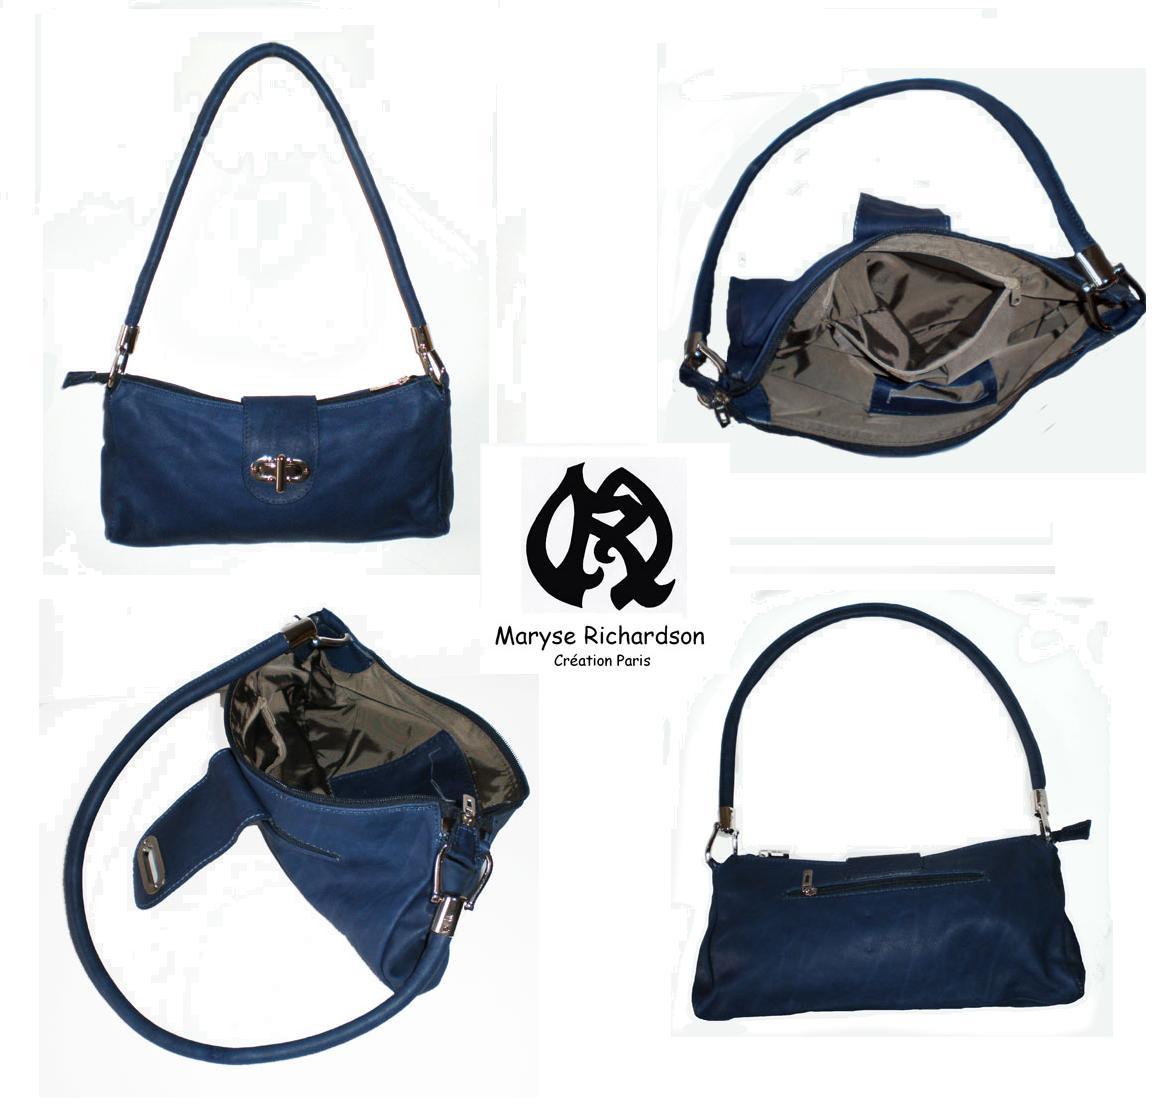 8242b39191 sac à main en cuir bleu marine rabat fantaisie - Maryse Richardson ...